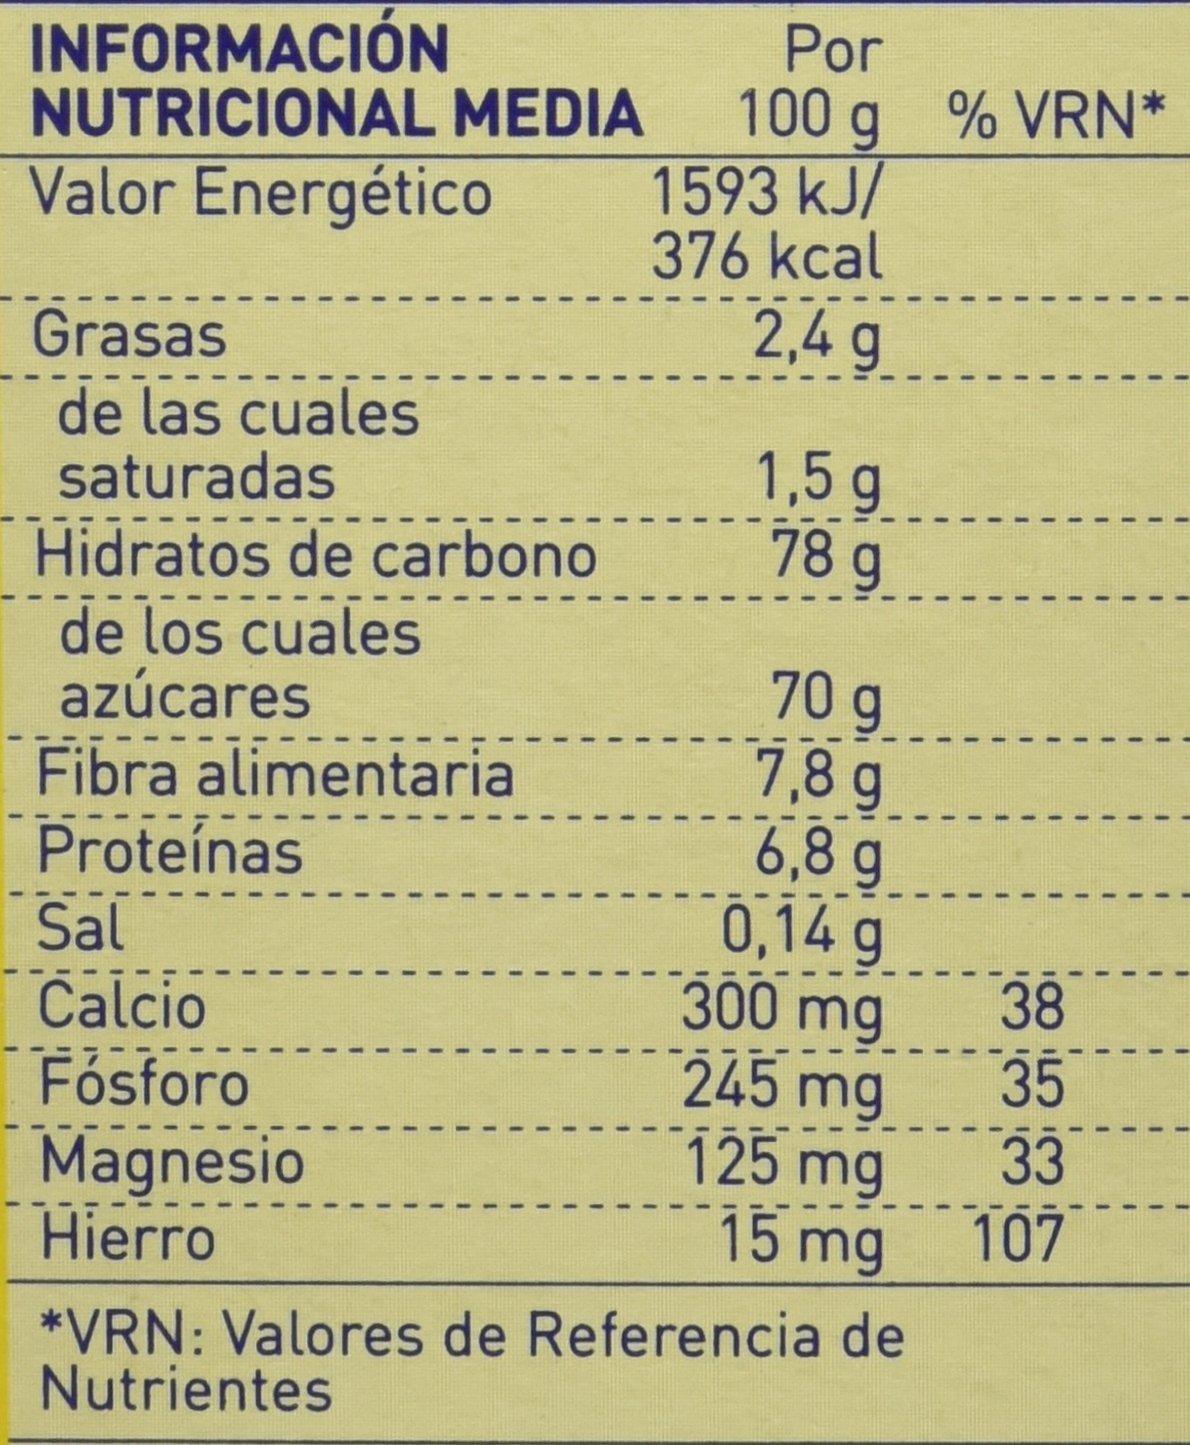 ColaCao - Original - Preparado alimenticio al cacao - 6 x 18 g - [Pack de 14]: Amazon.es: Alimentación y bebidas